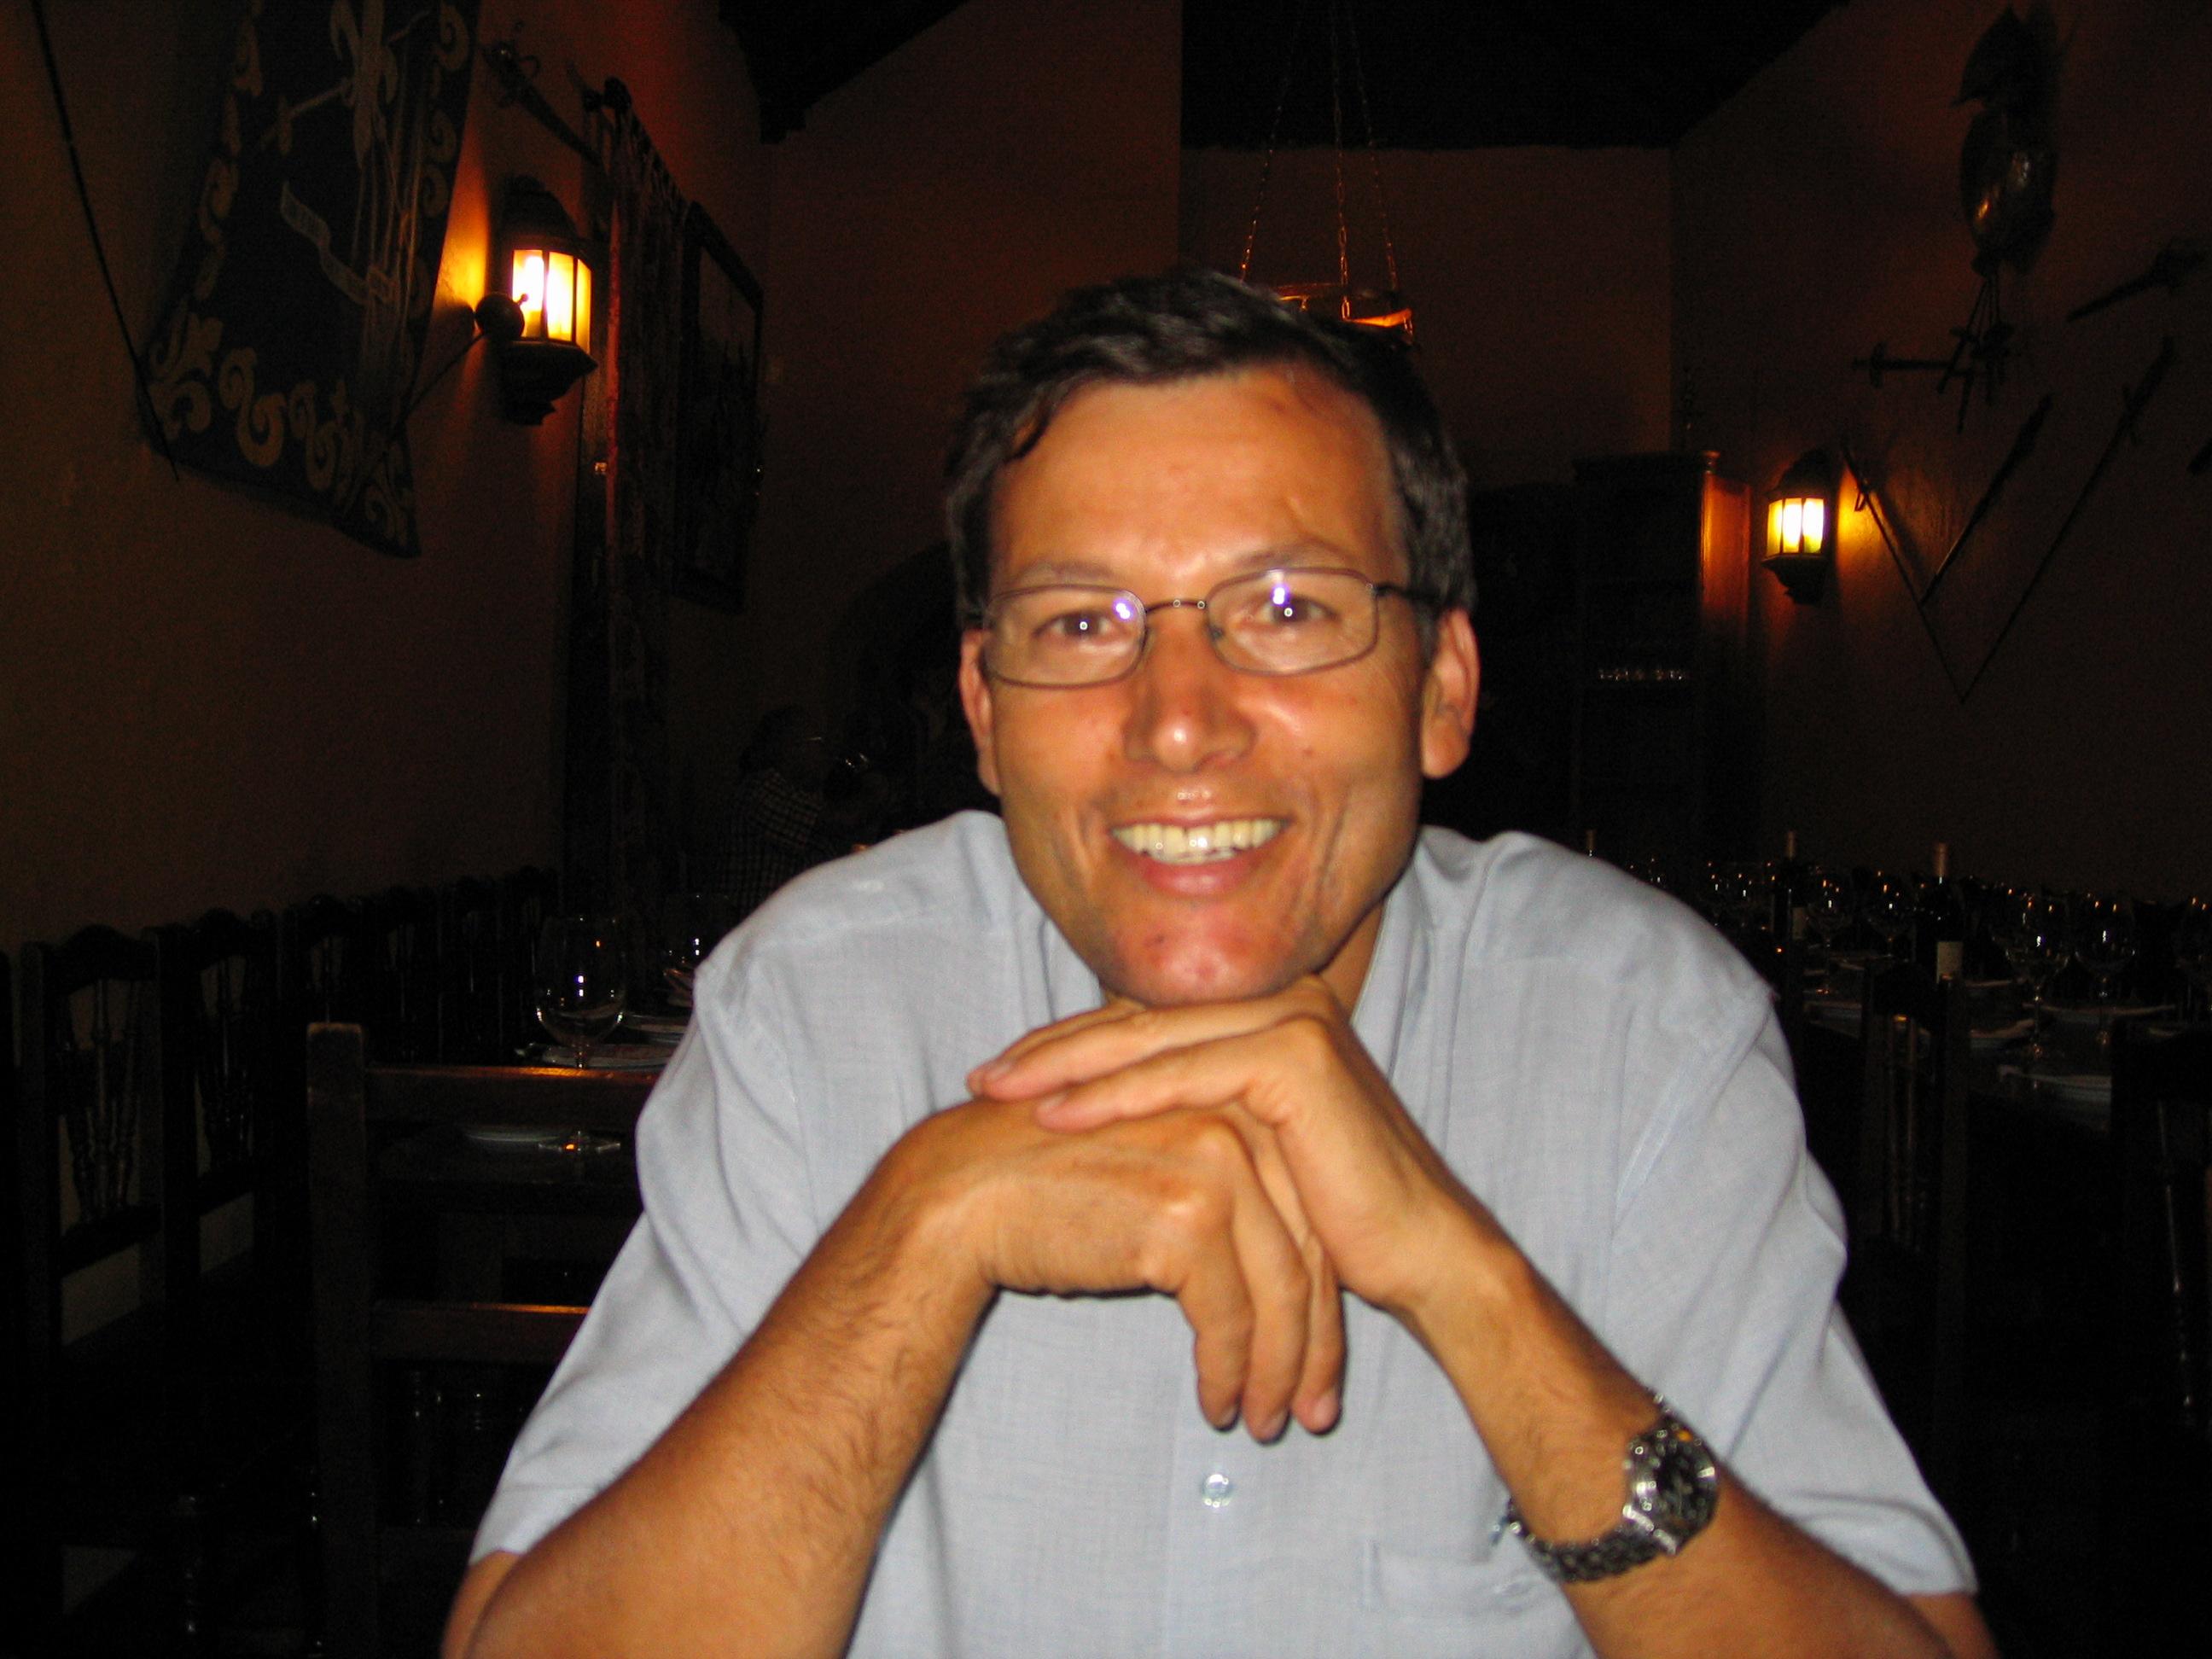 Imagen de Pedro Carreño que es propietario de Las Portadas . Fimbapaire